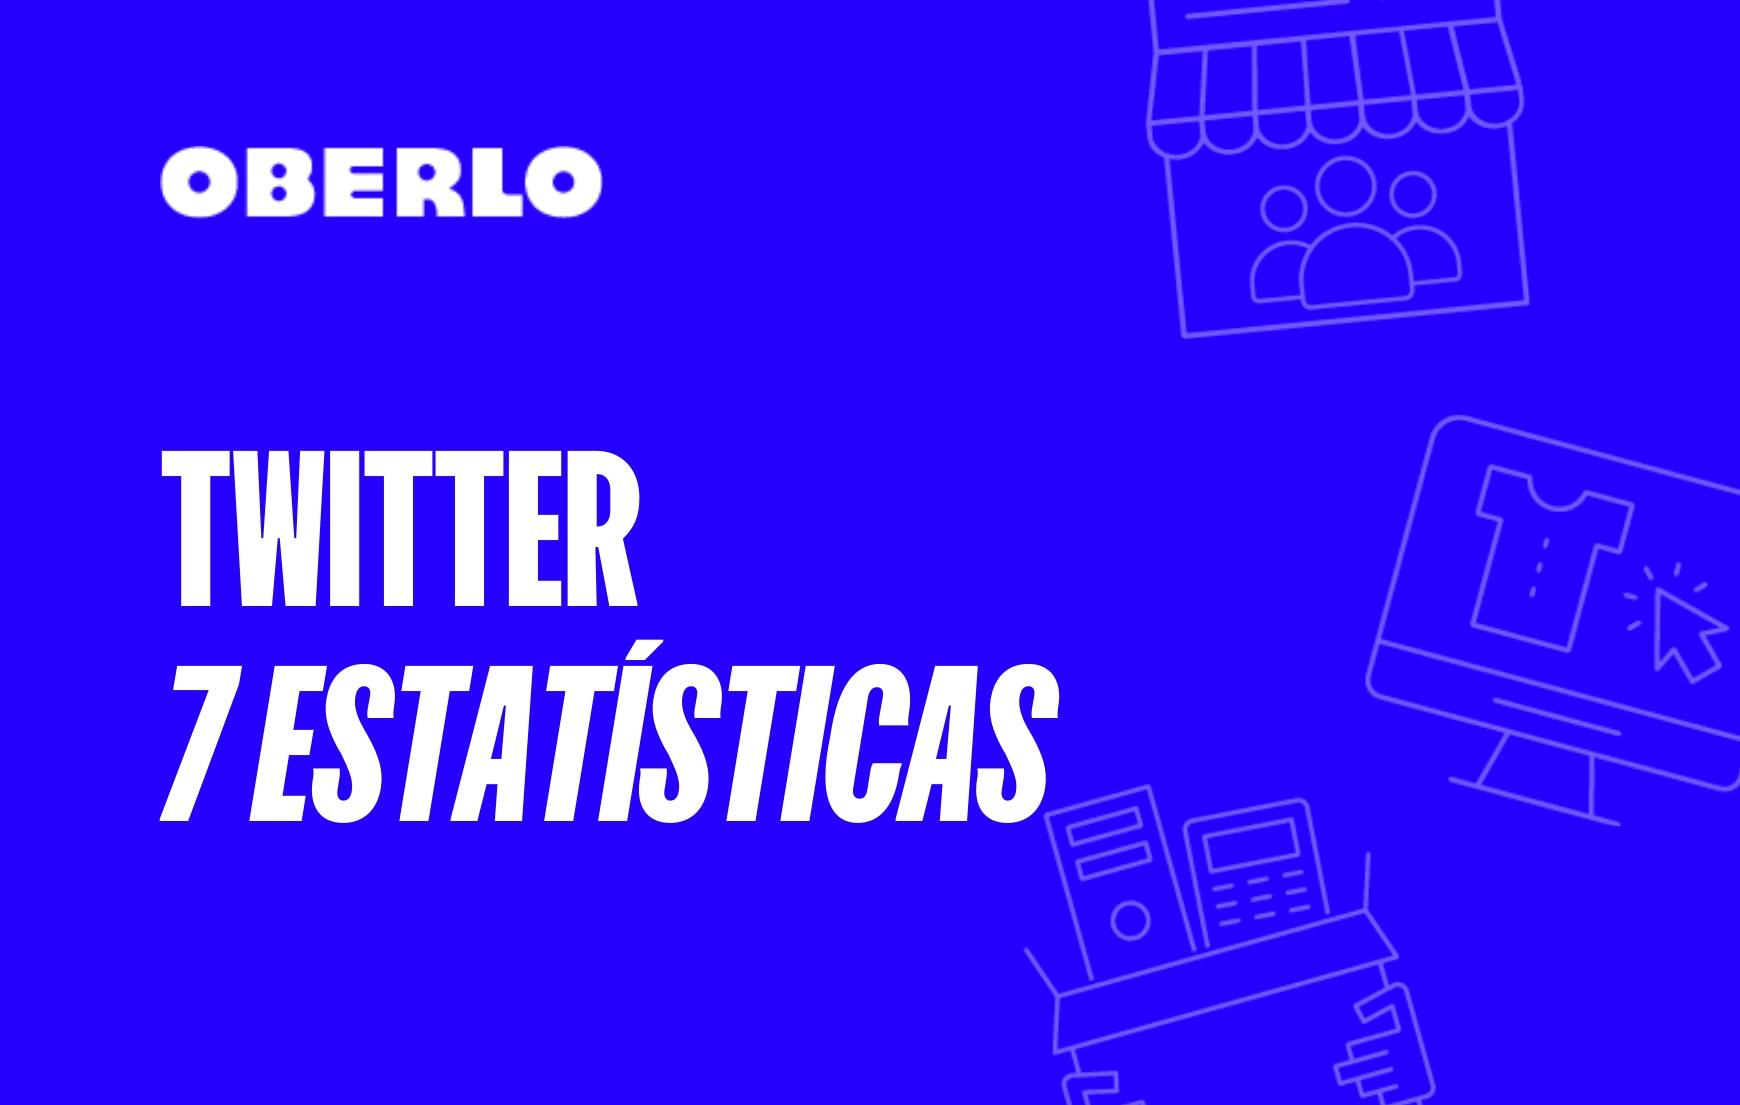 7 estatísticas Twitter que você precisa conhecer em 2020 [INFOGRÁFICO] | Oberlo